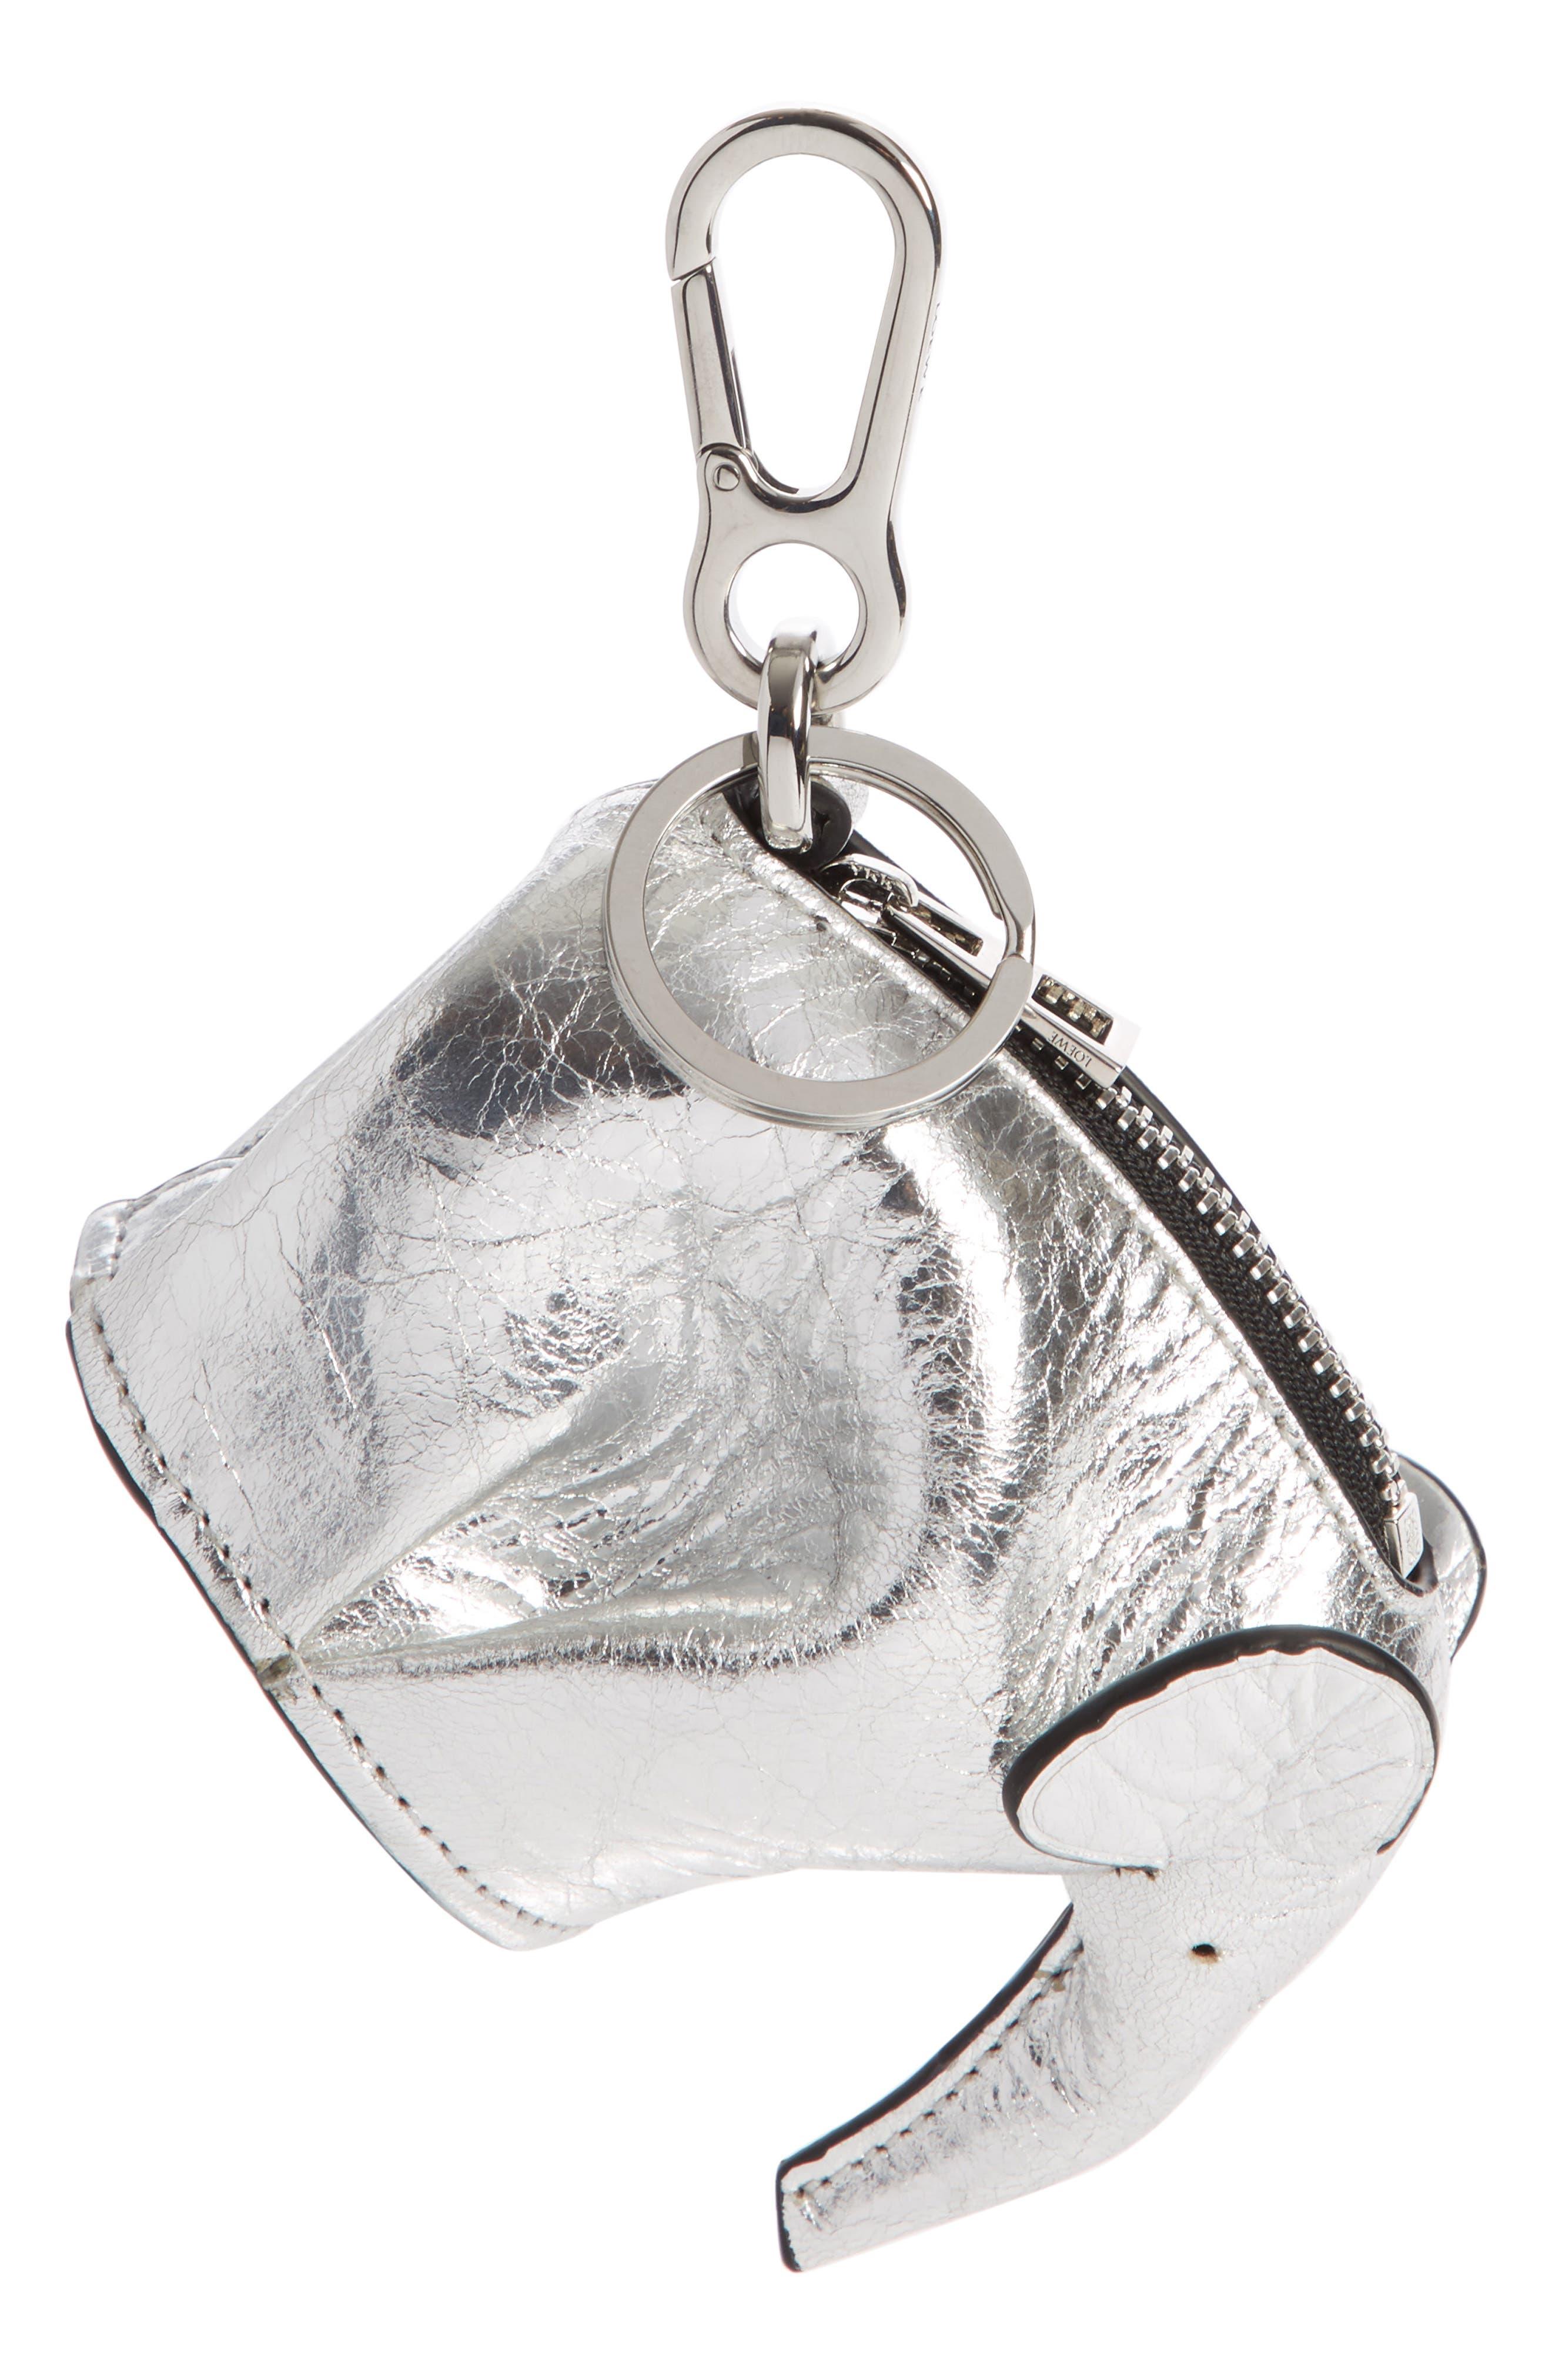 LOEWE Elephant Metallic Leather Bag Charm